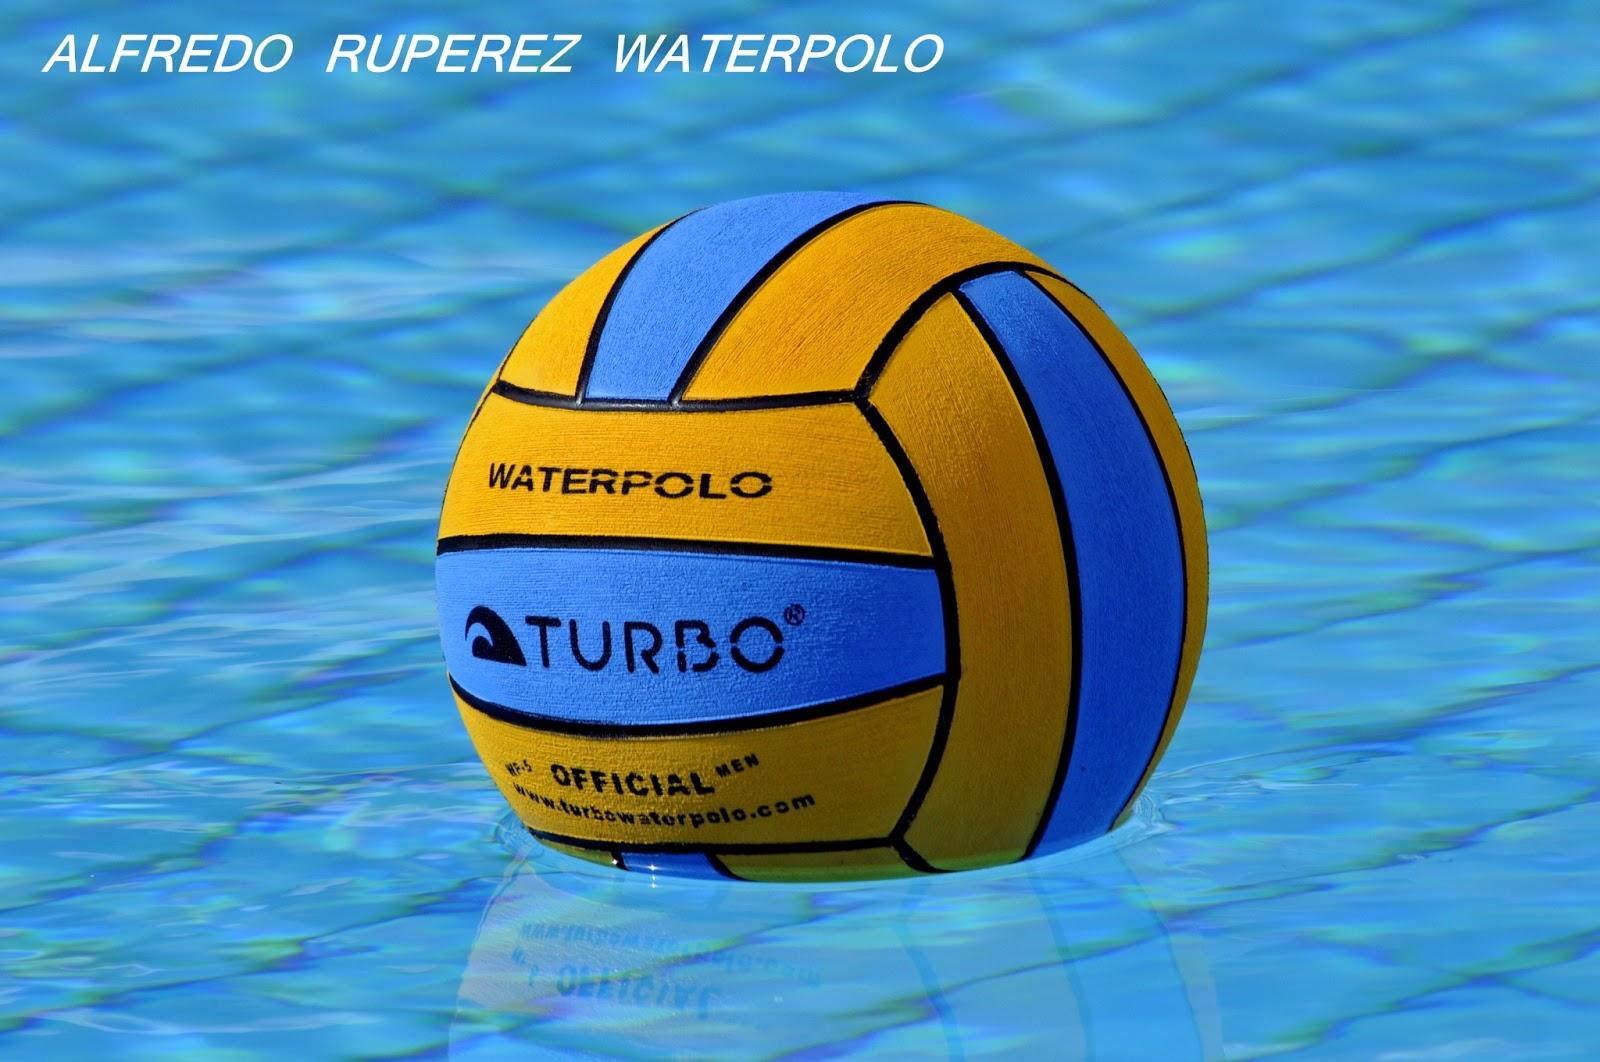 Adjudicación de sedes de los diferentes Campeonatos de España de waterpolo. 08fabbfa74c6